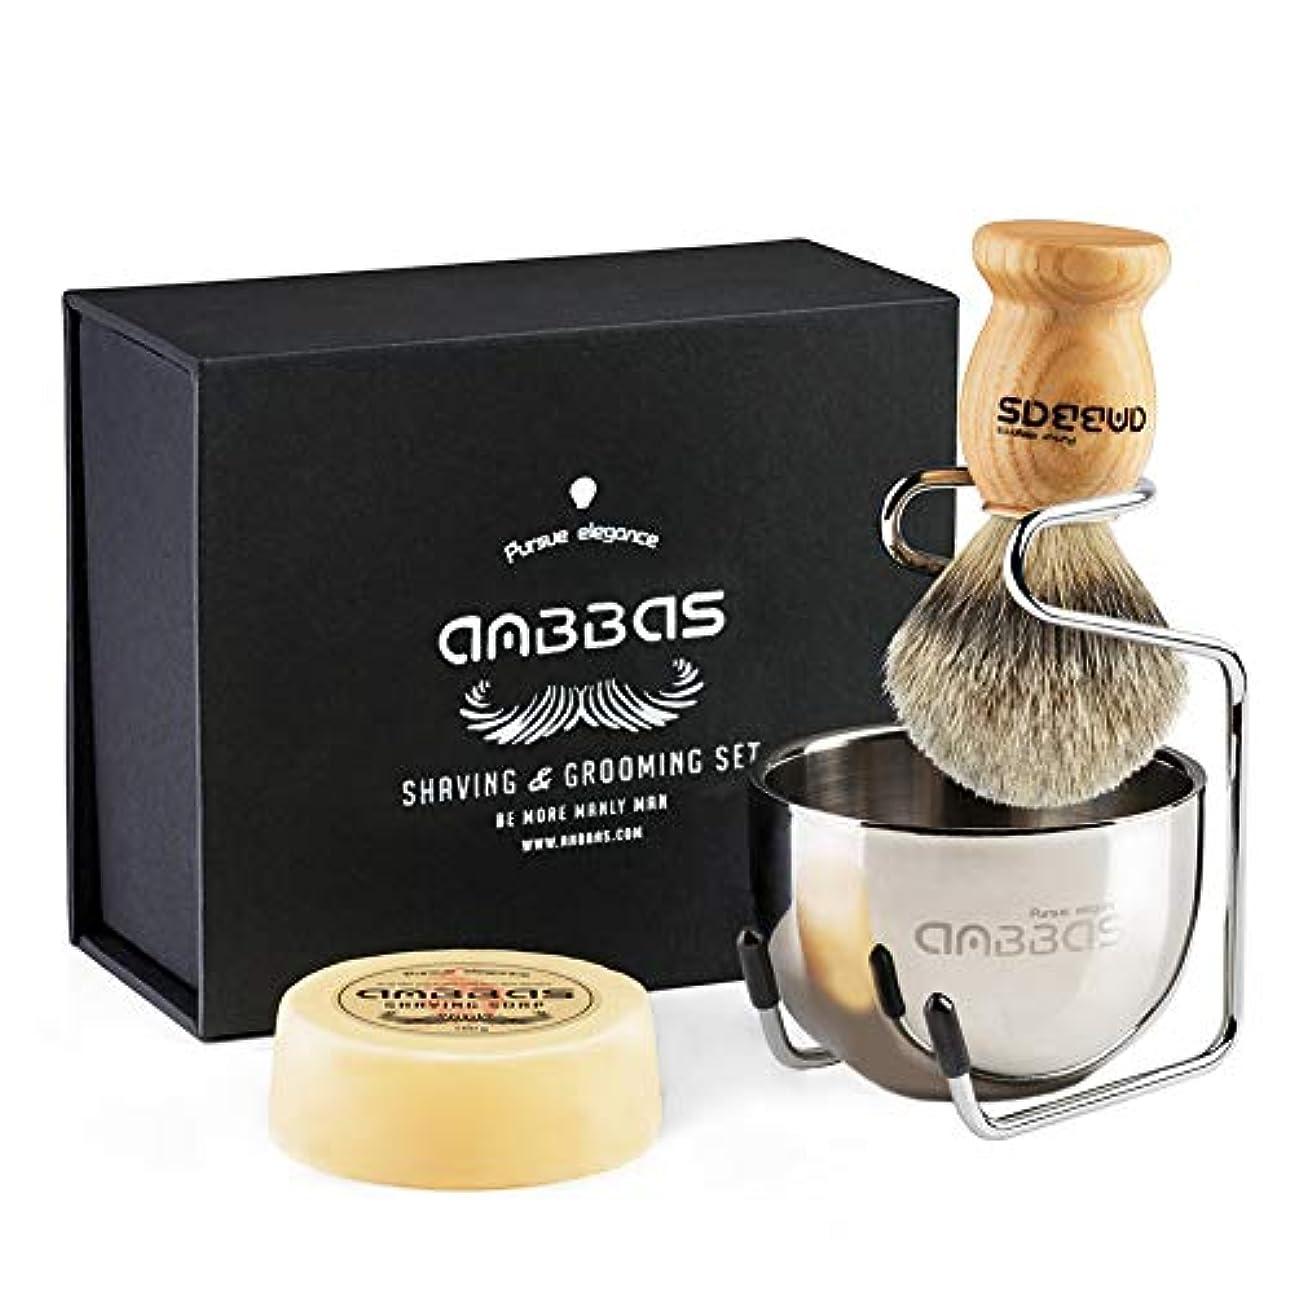 感染する気難しい裁量Easy Raku®ひげブラシ シェービングブラシ 純粋なバッガーヘア シェービングブラシ 髭剃り 泡立ち 洗顔ブラシ メンズ (4点セット)